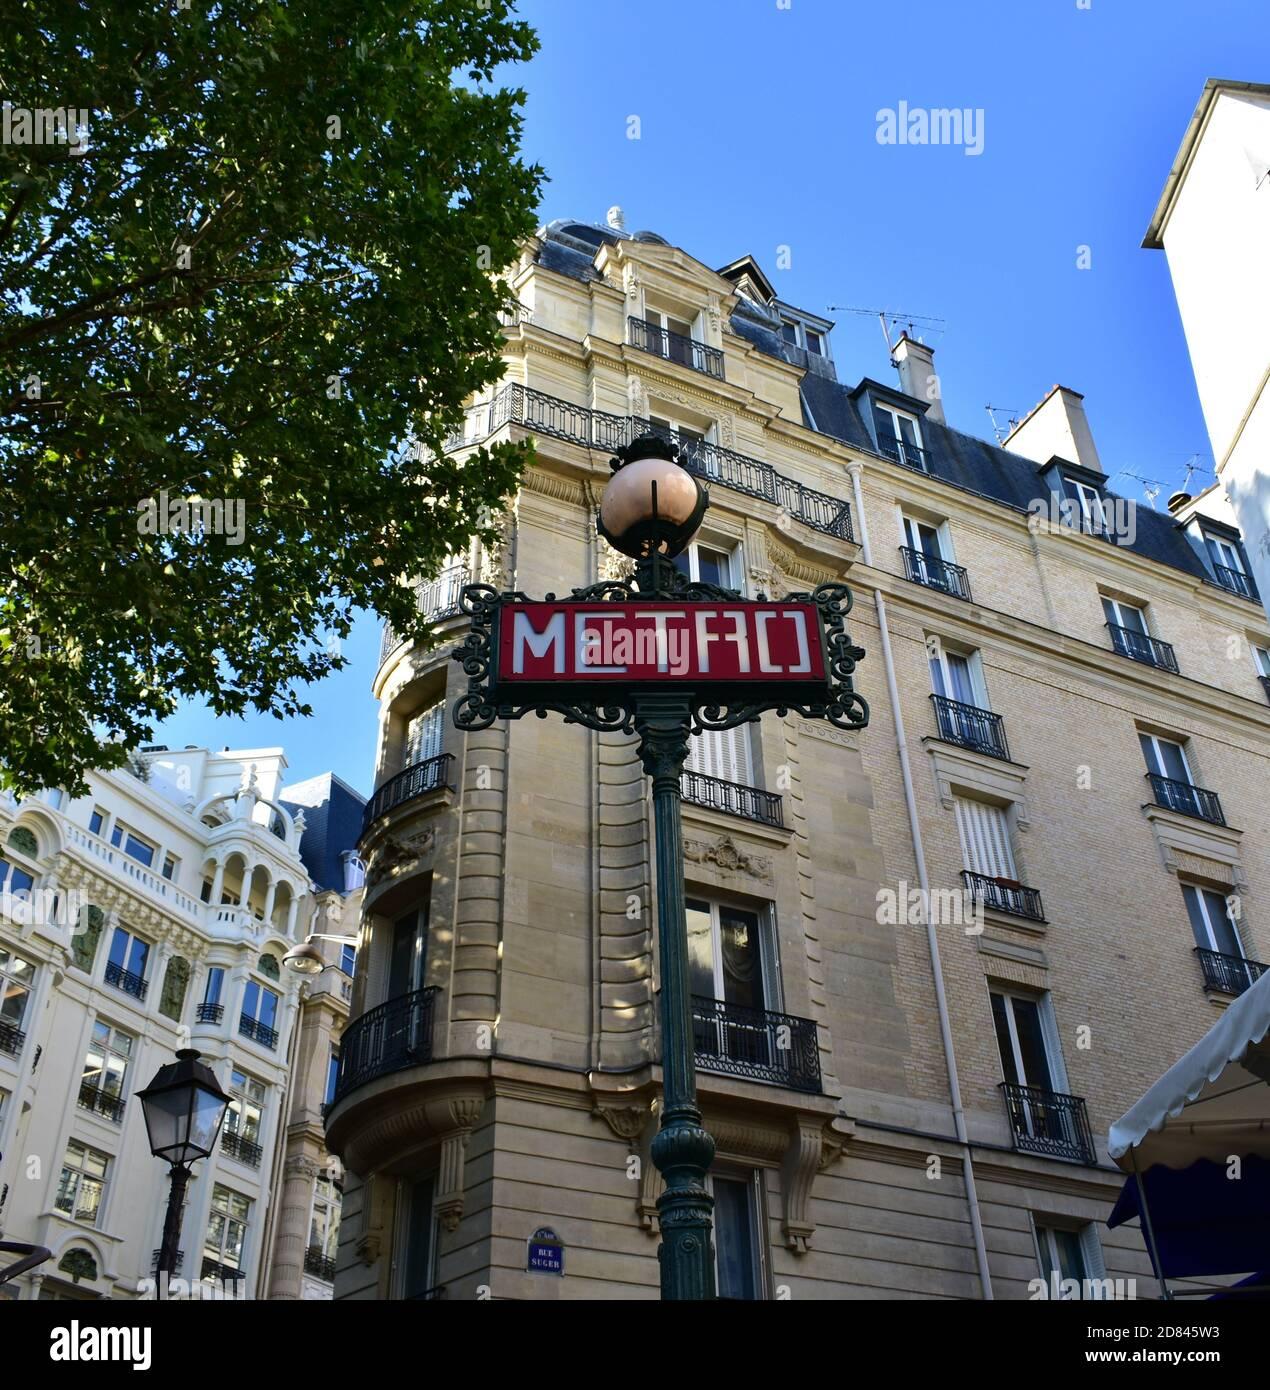 Panneau de métro parisien à la station de métro. Paris, France. Banque D'Images